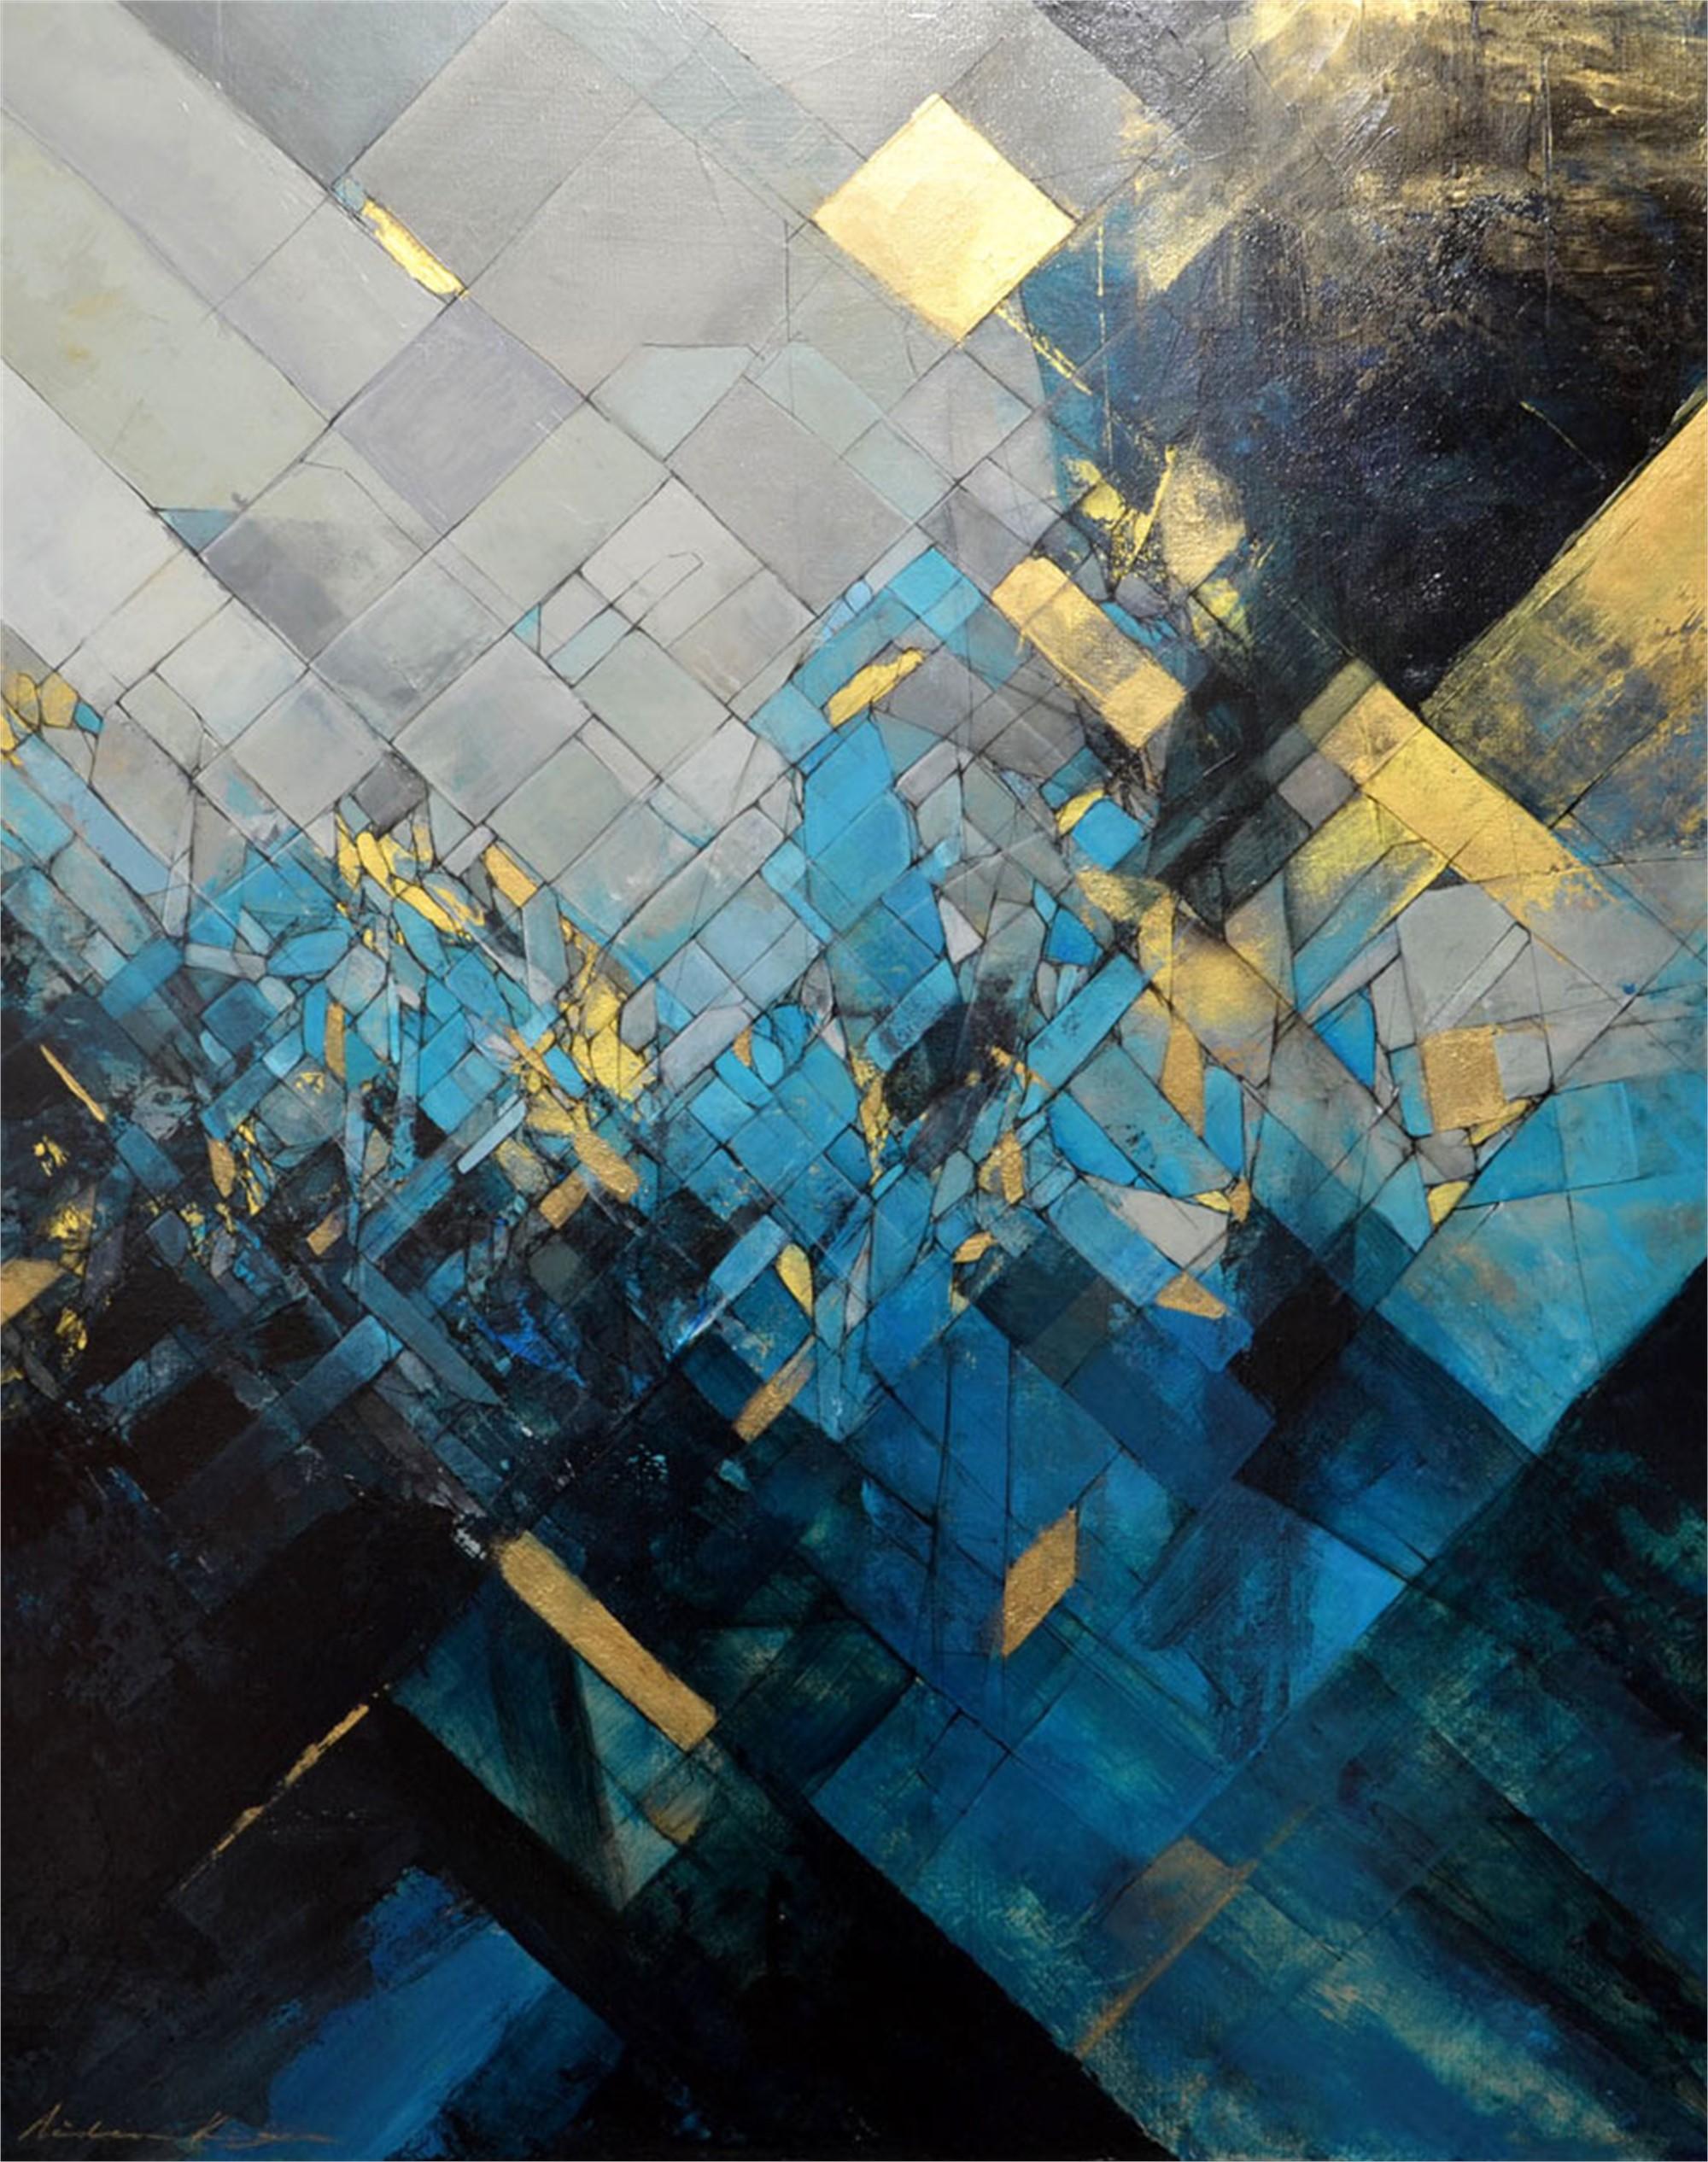 Crystalline Depths by Aiden Kringen